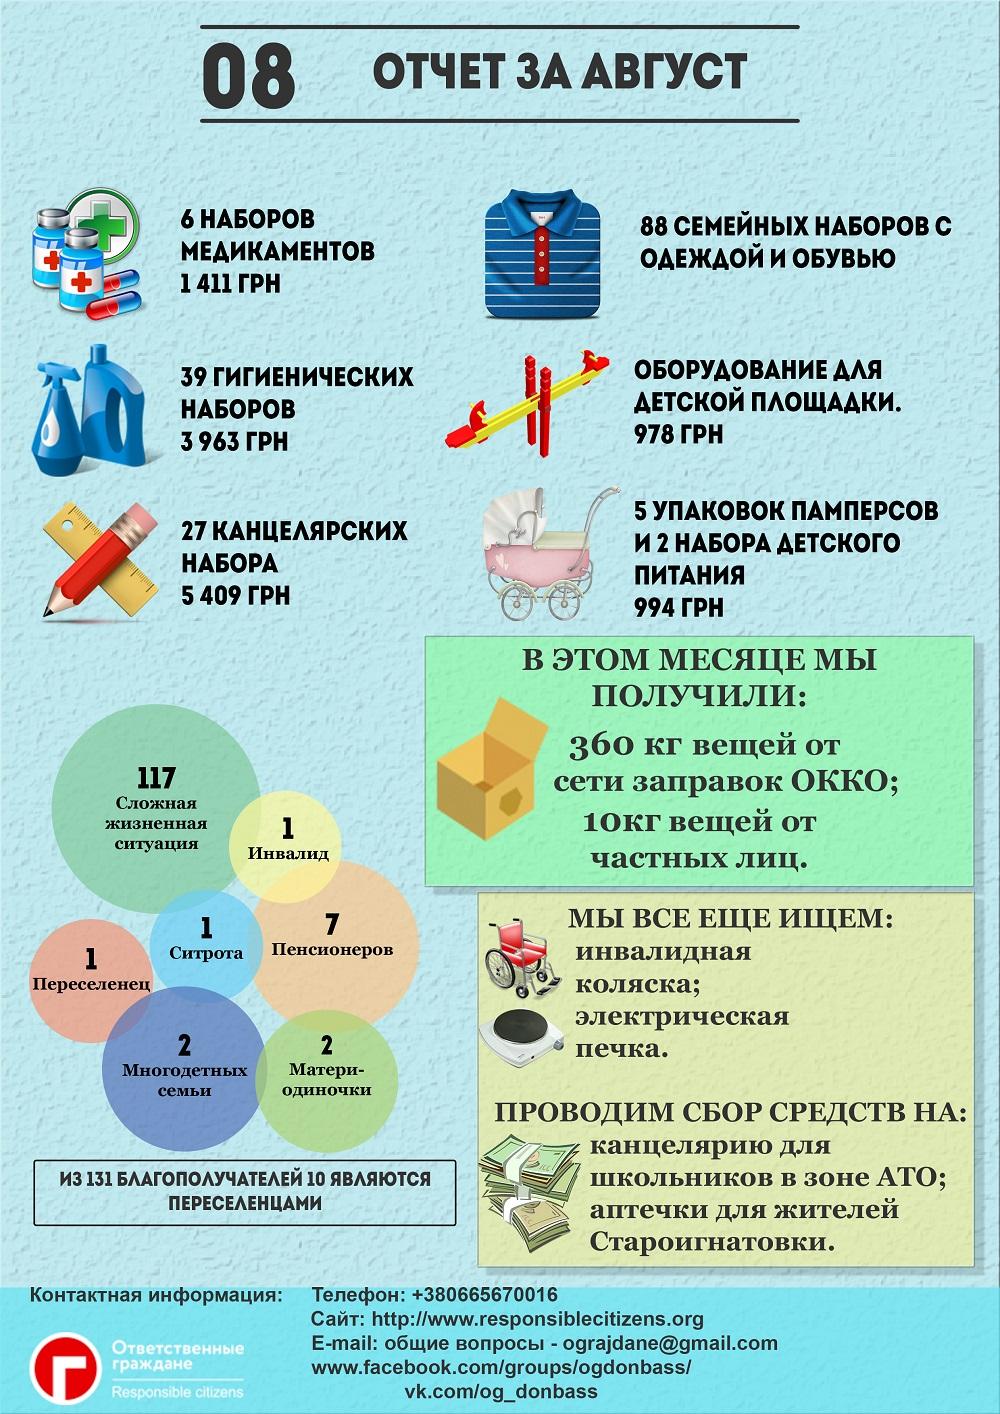 отчет за август общественной организации Ответсвенные граждане